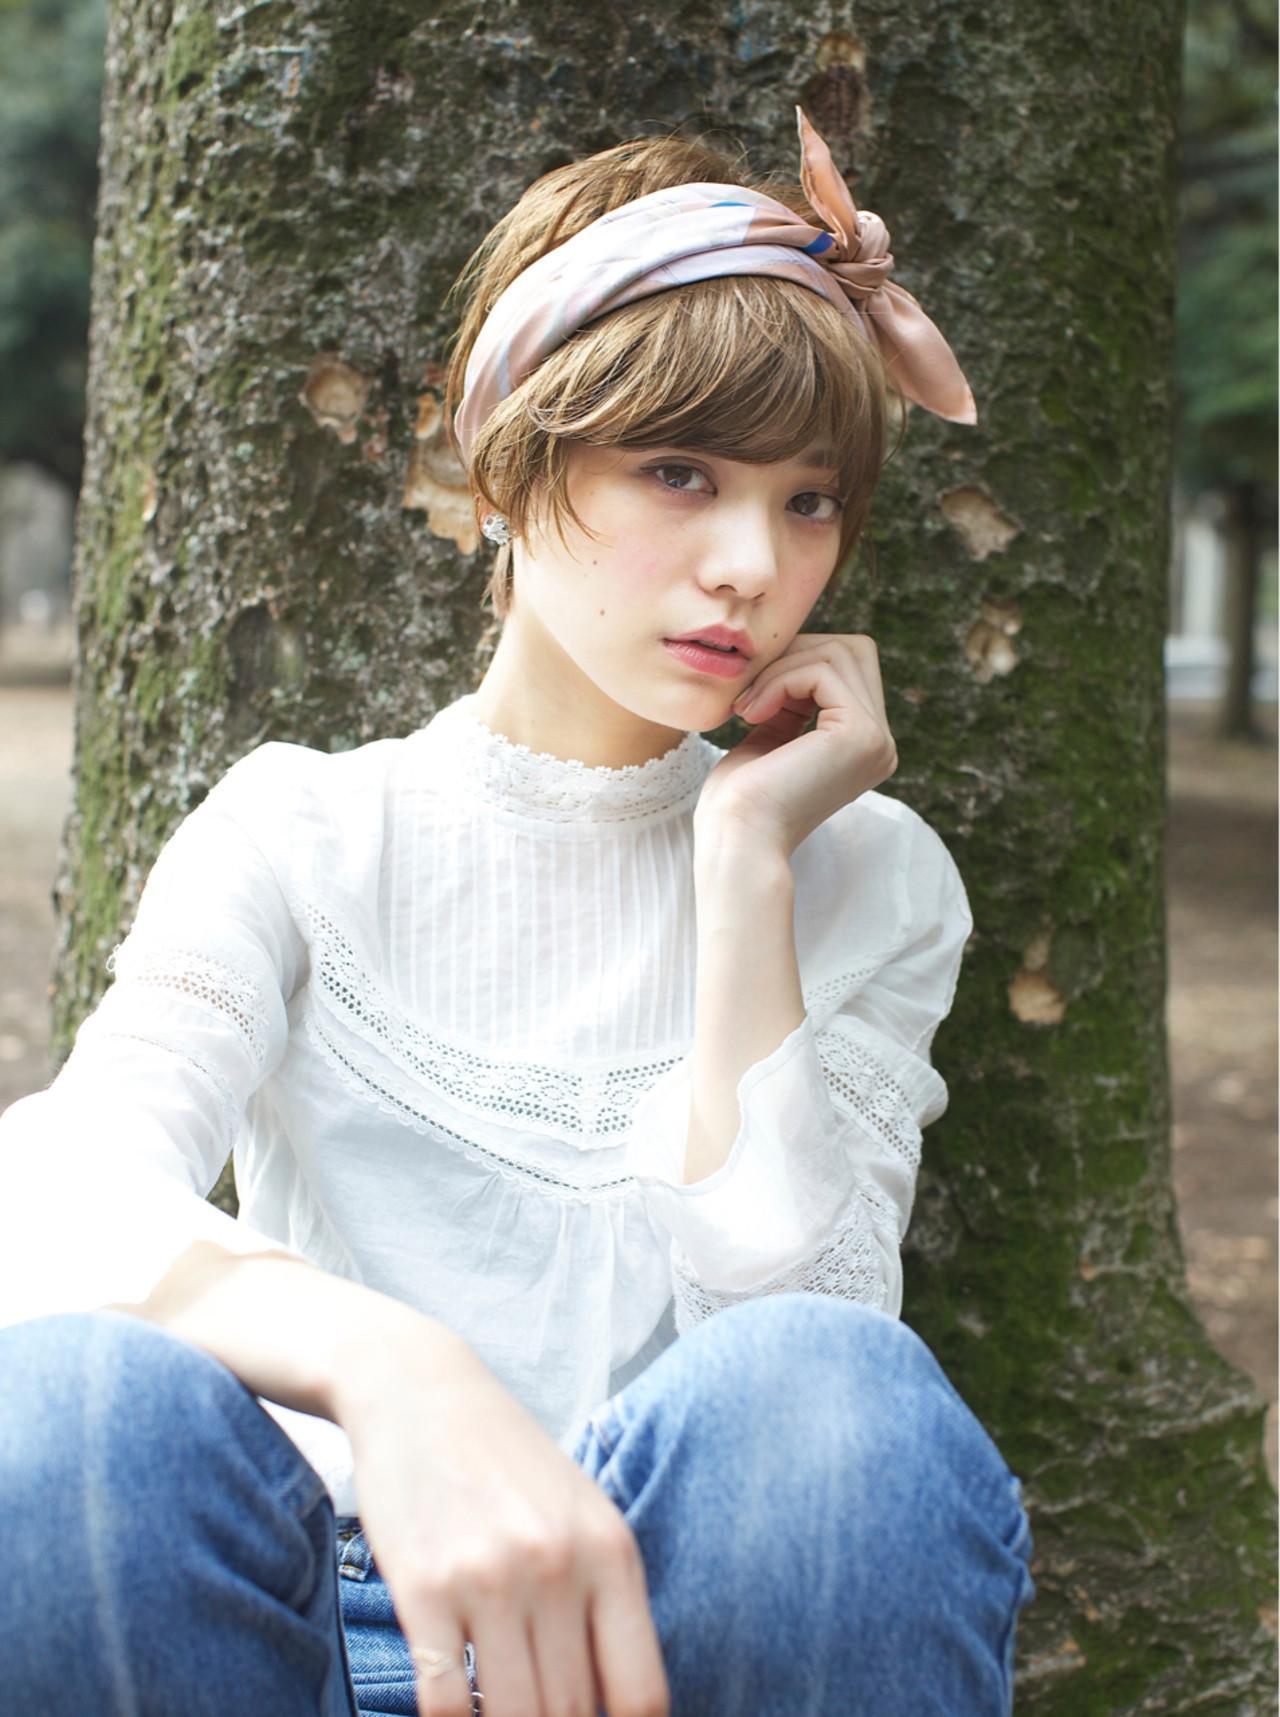 ヘアアレンジ 大人かわいい 外国人風 アッシュ ヘアスタイルや髪型の写真・画像